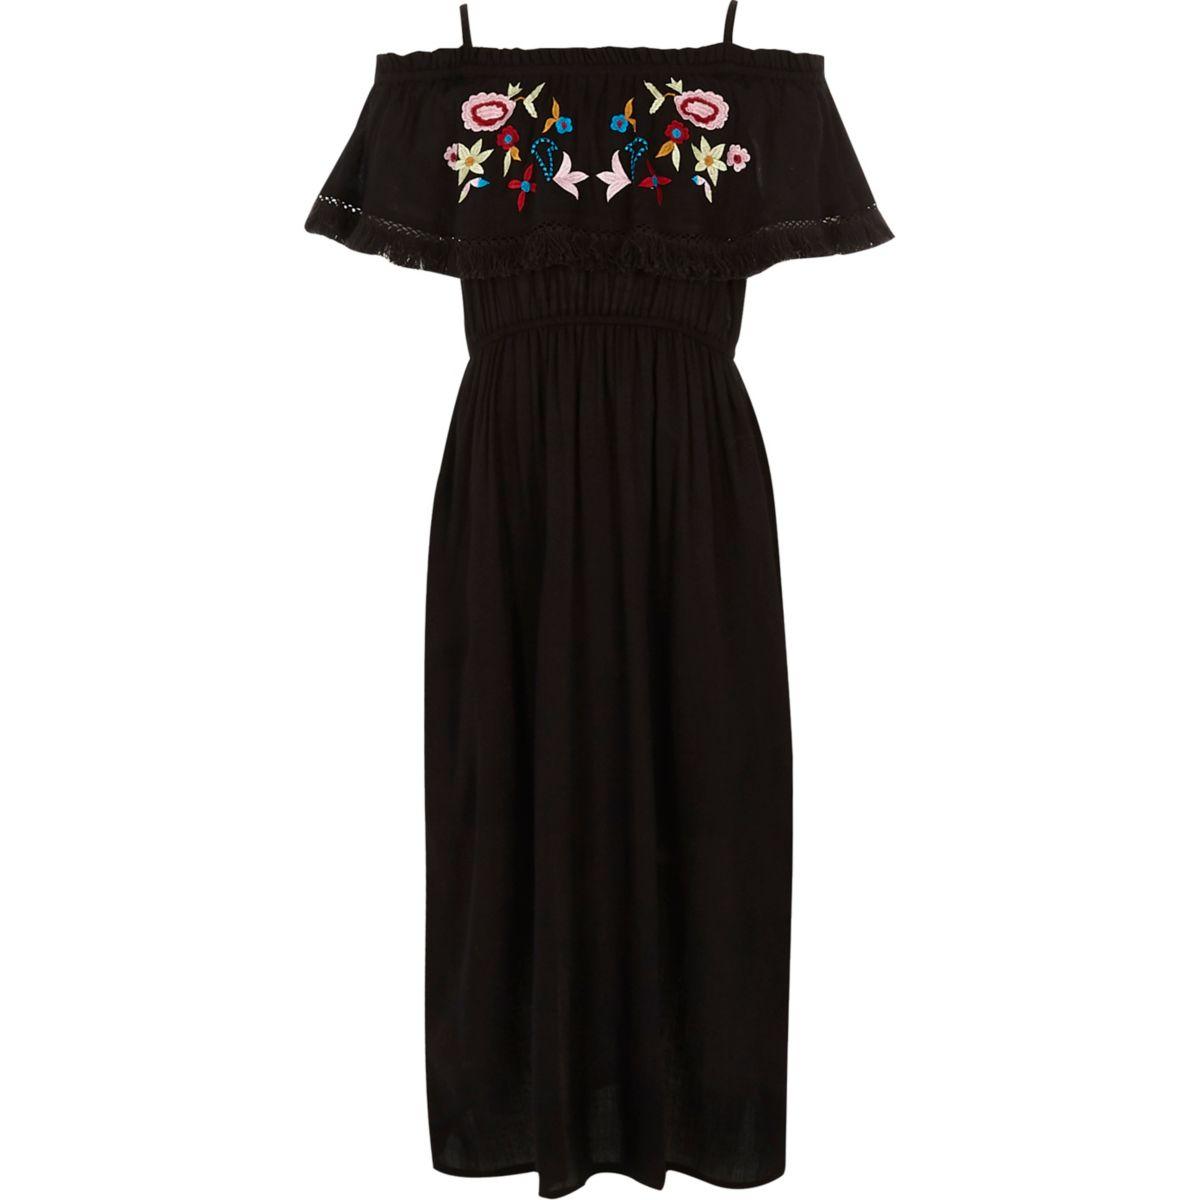 Robe longue noire brodée à volants pour fille